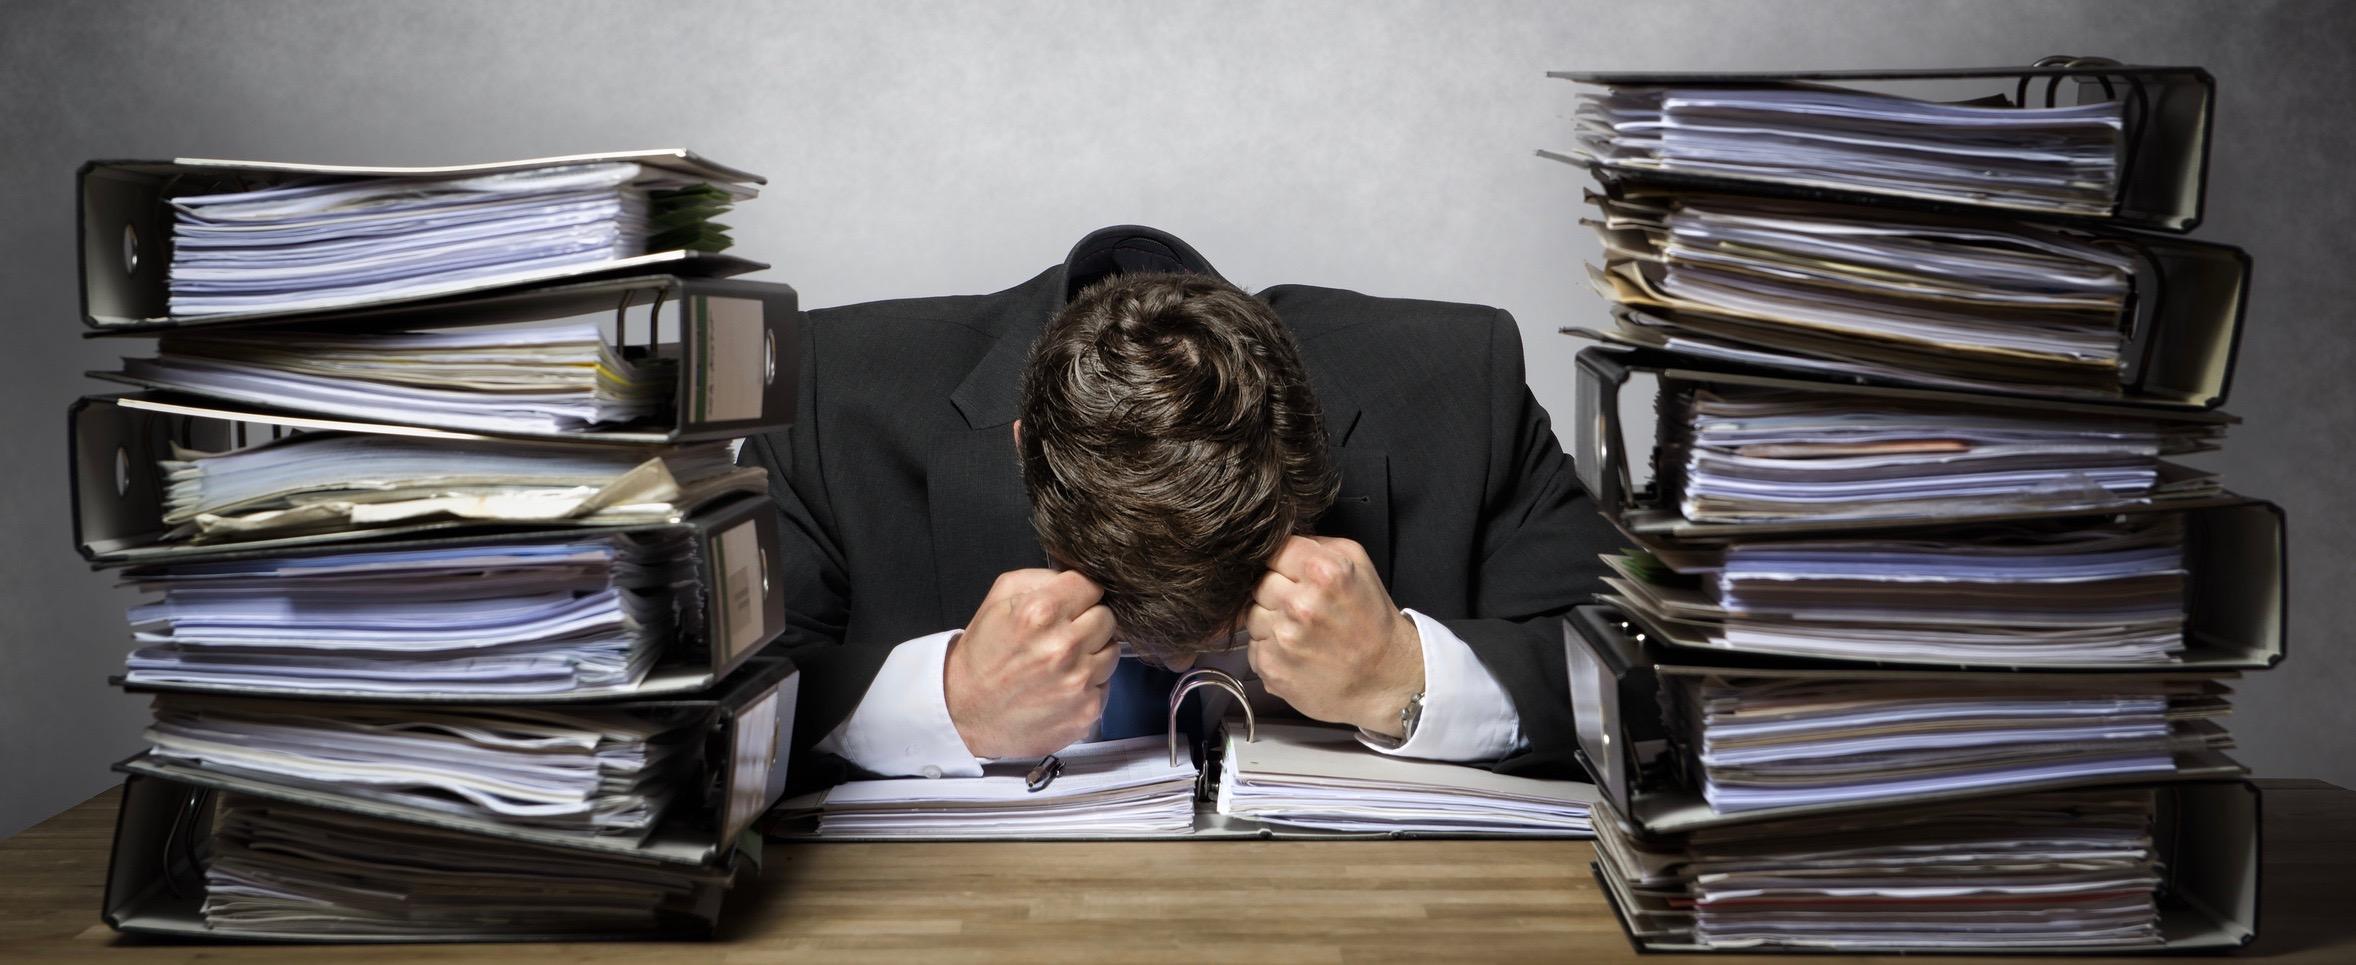 behandlung chronischer erschöpfung burnout - erschöpfungssyndrom